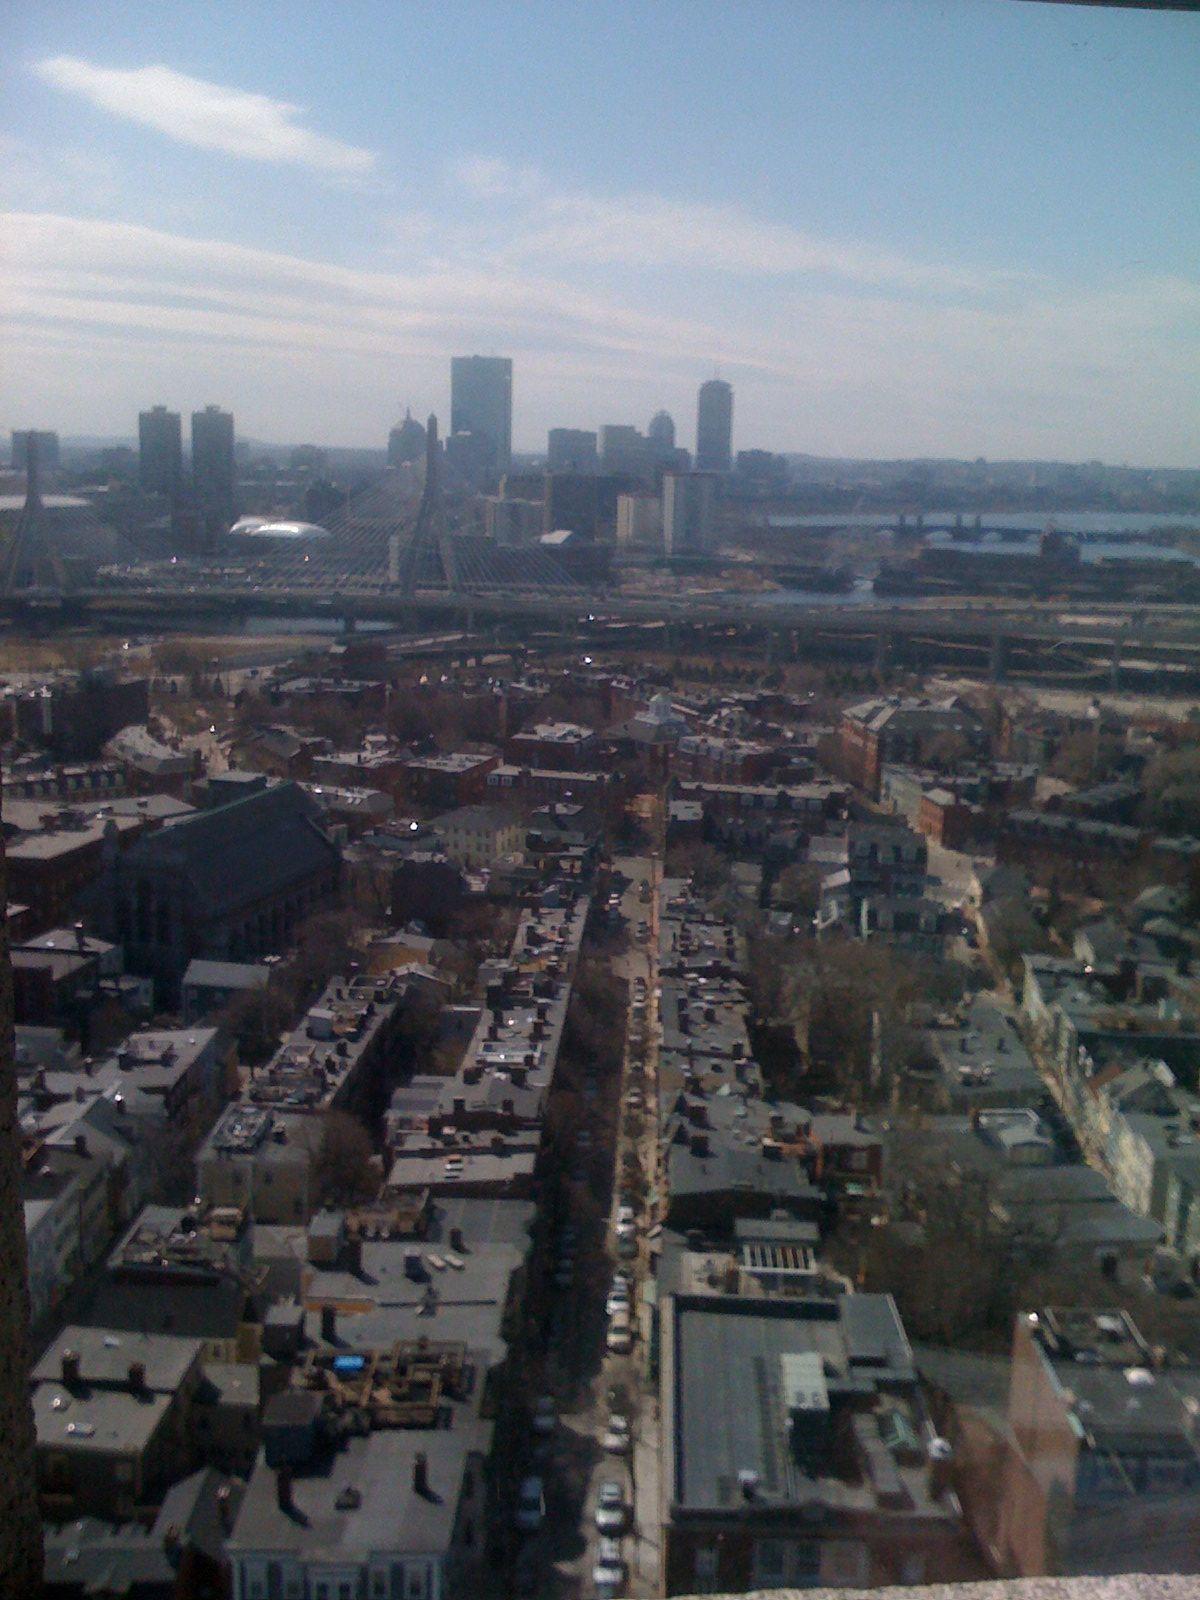 Boston...Gotta love this city!